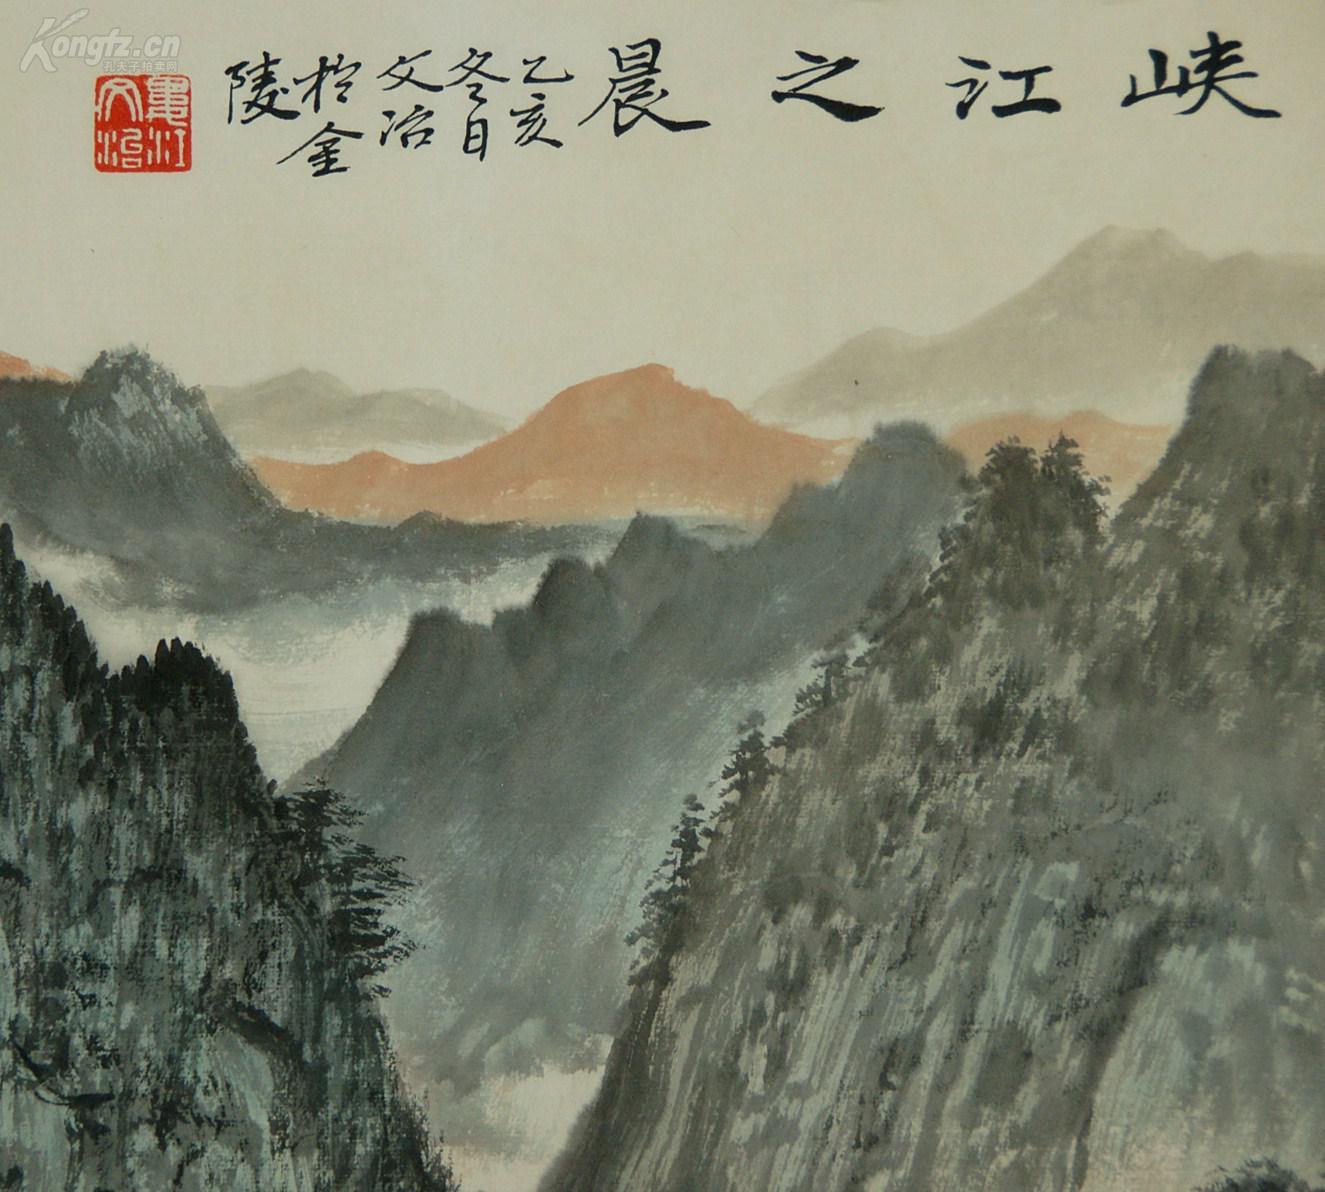 【图】中国美术家协会江苏分会副主席【宋文治】山水图片